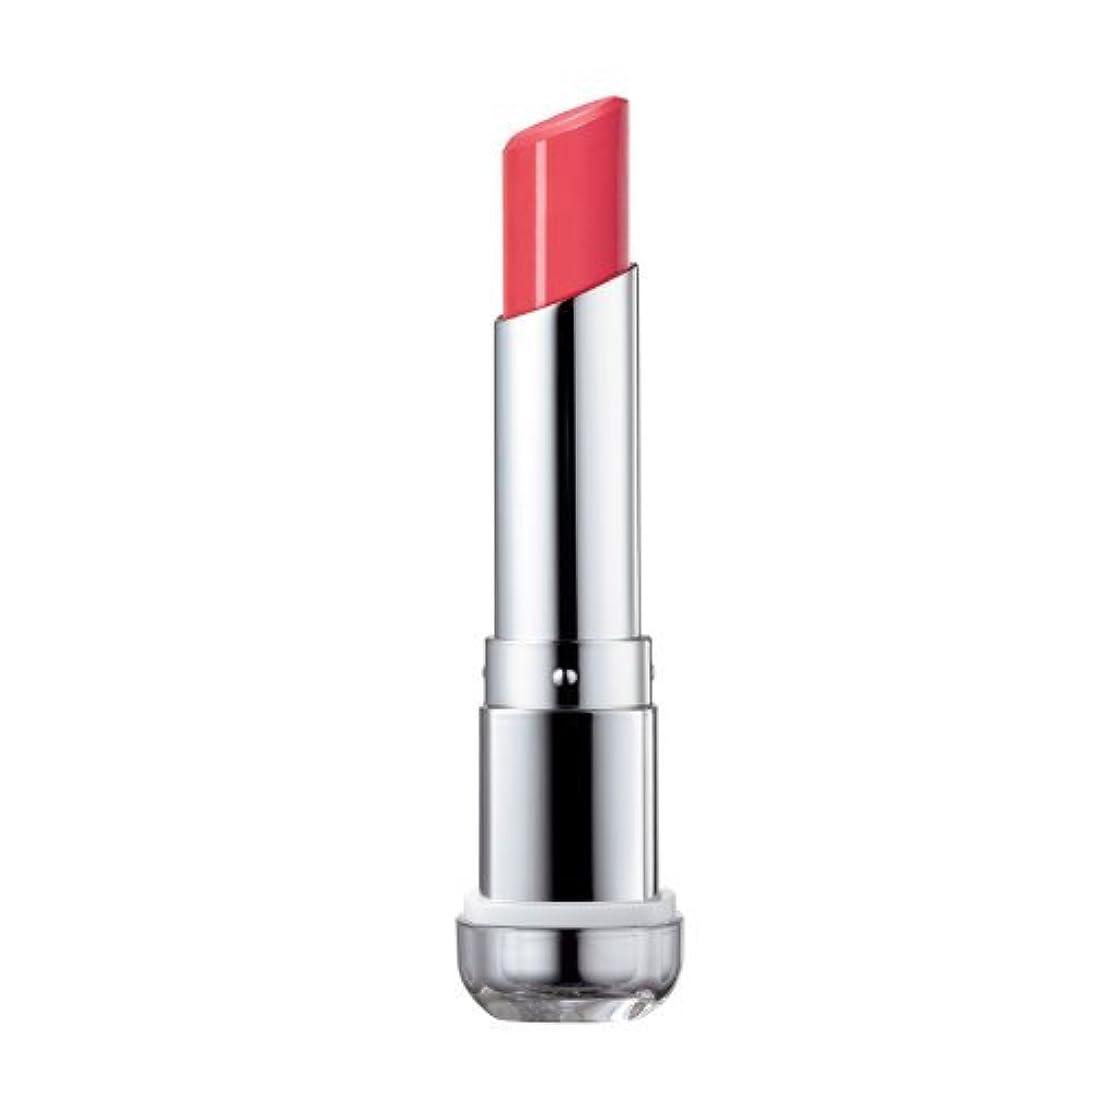 ベンチャー原油戦争LANEIGE Serum Intense Lipstick (R11 Catch Me Red)